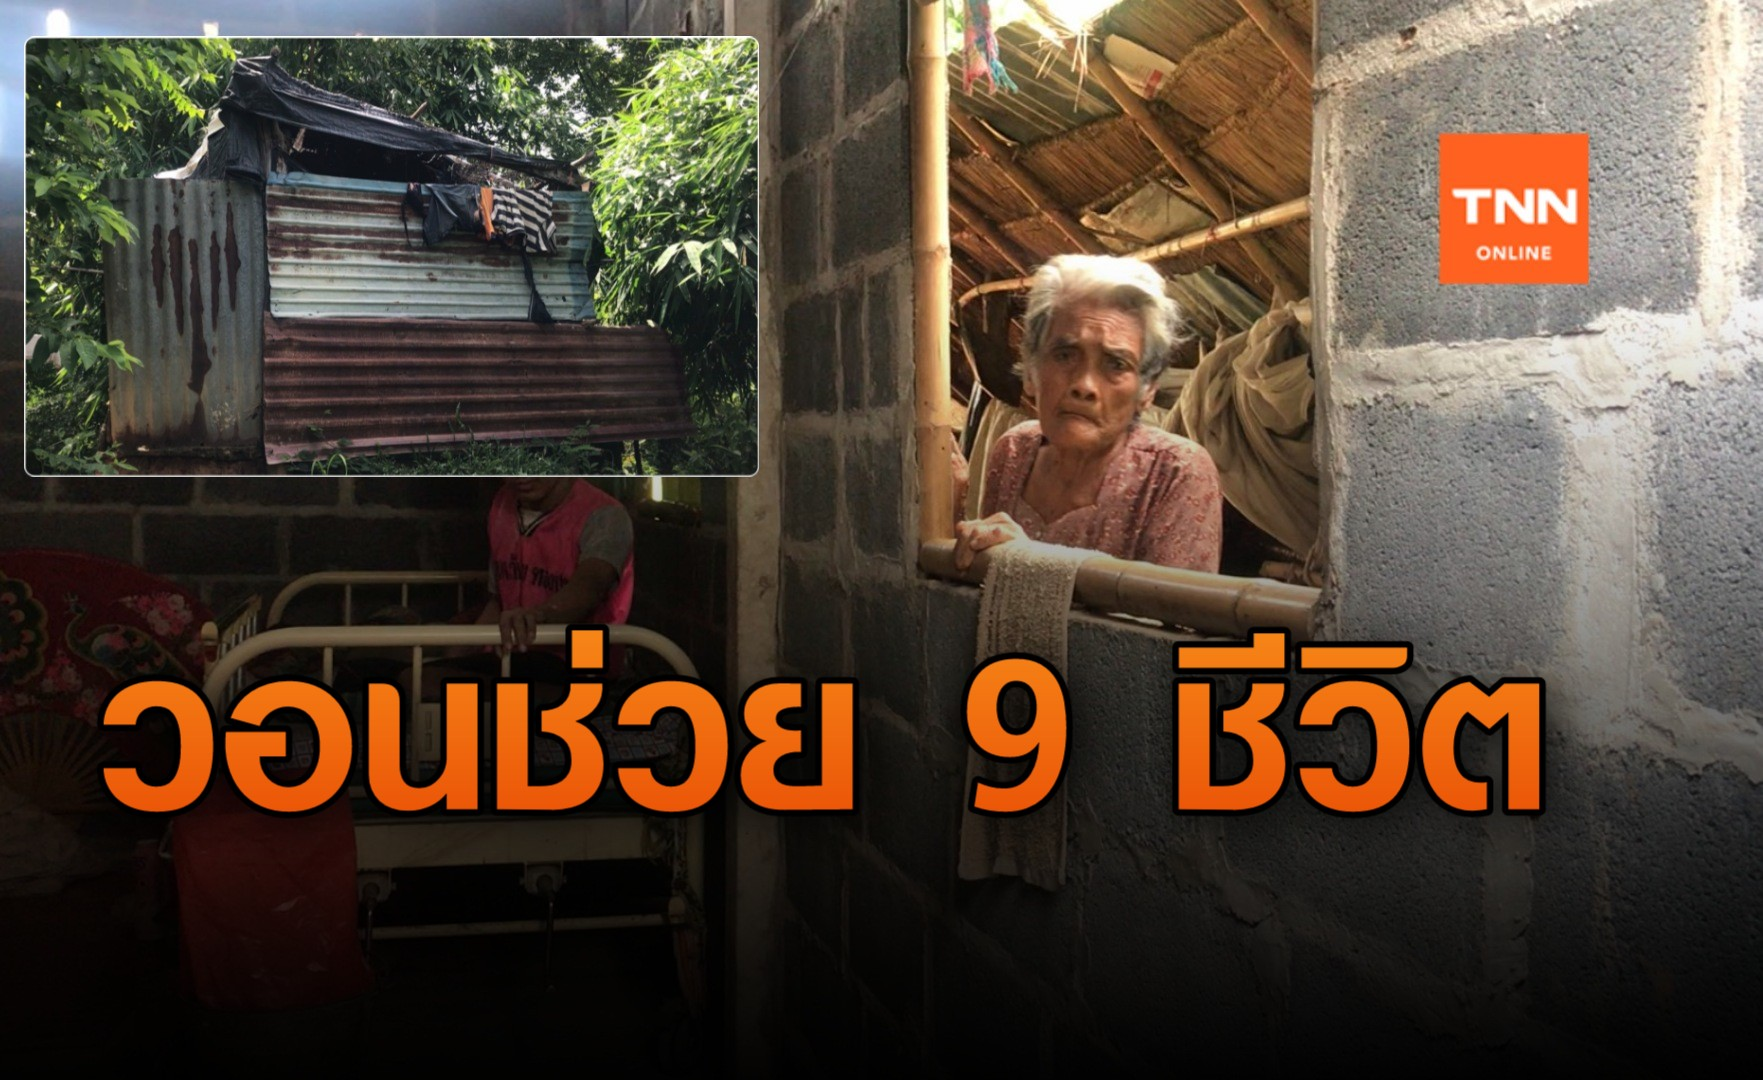 สุดรันทด! 9 ชีวิต พิการ 4 อาศัยบ้านหลังเดียวกัน วอนผู้ใจบุญช่วยเหลือ